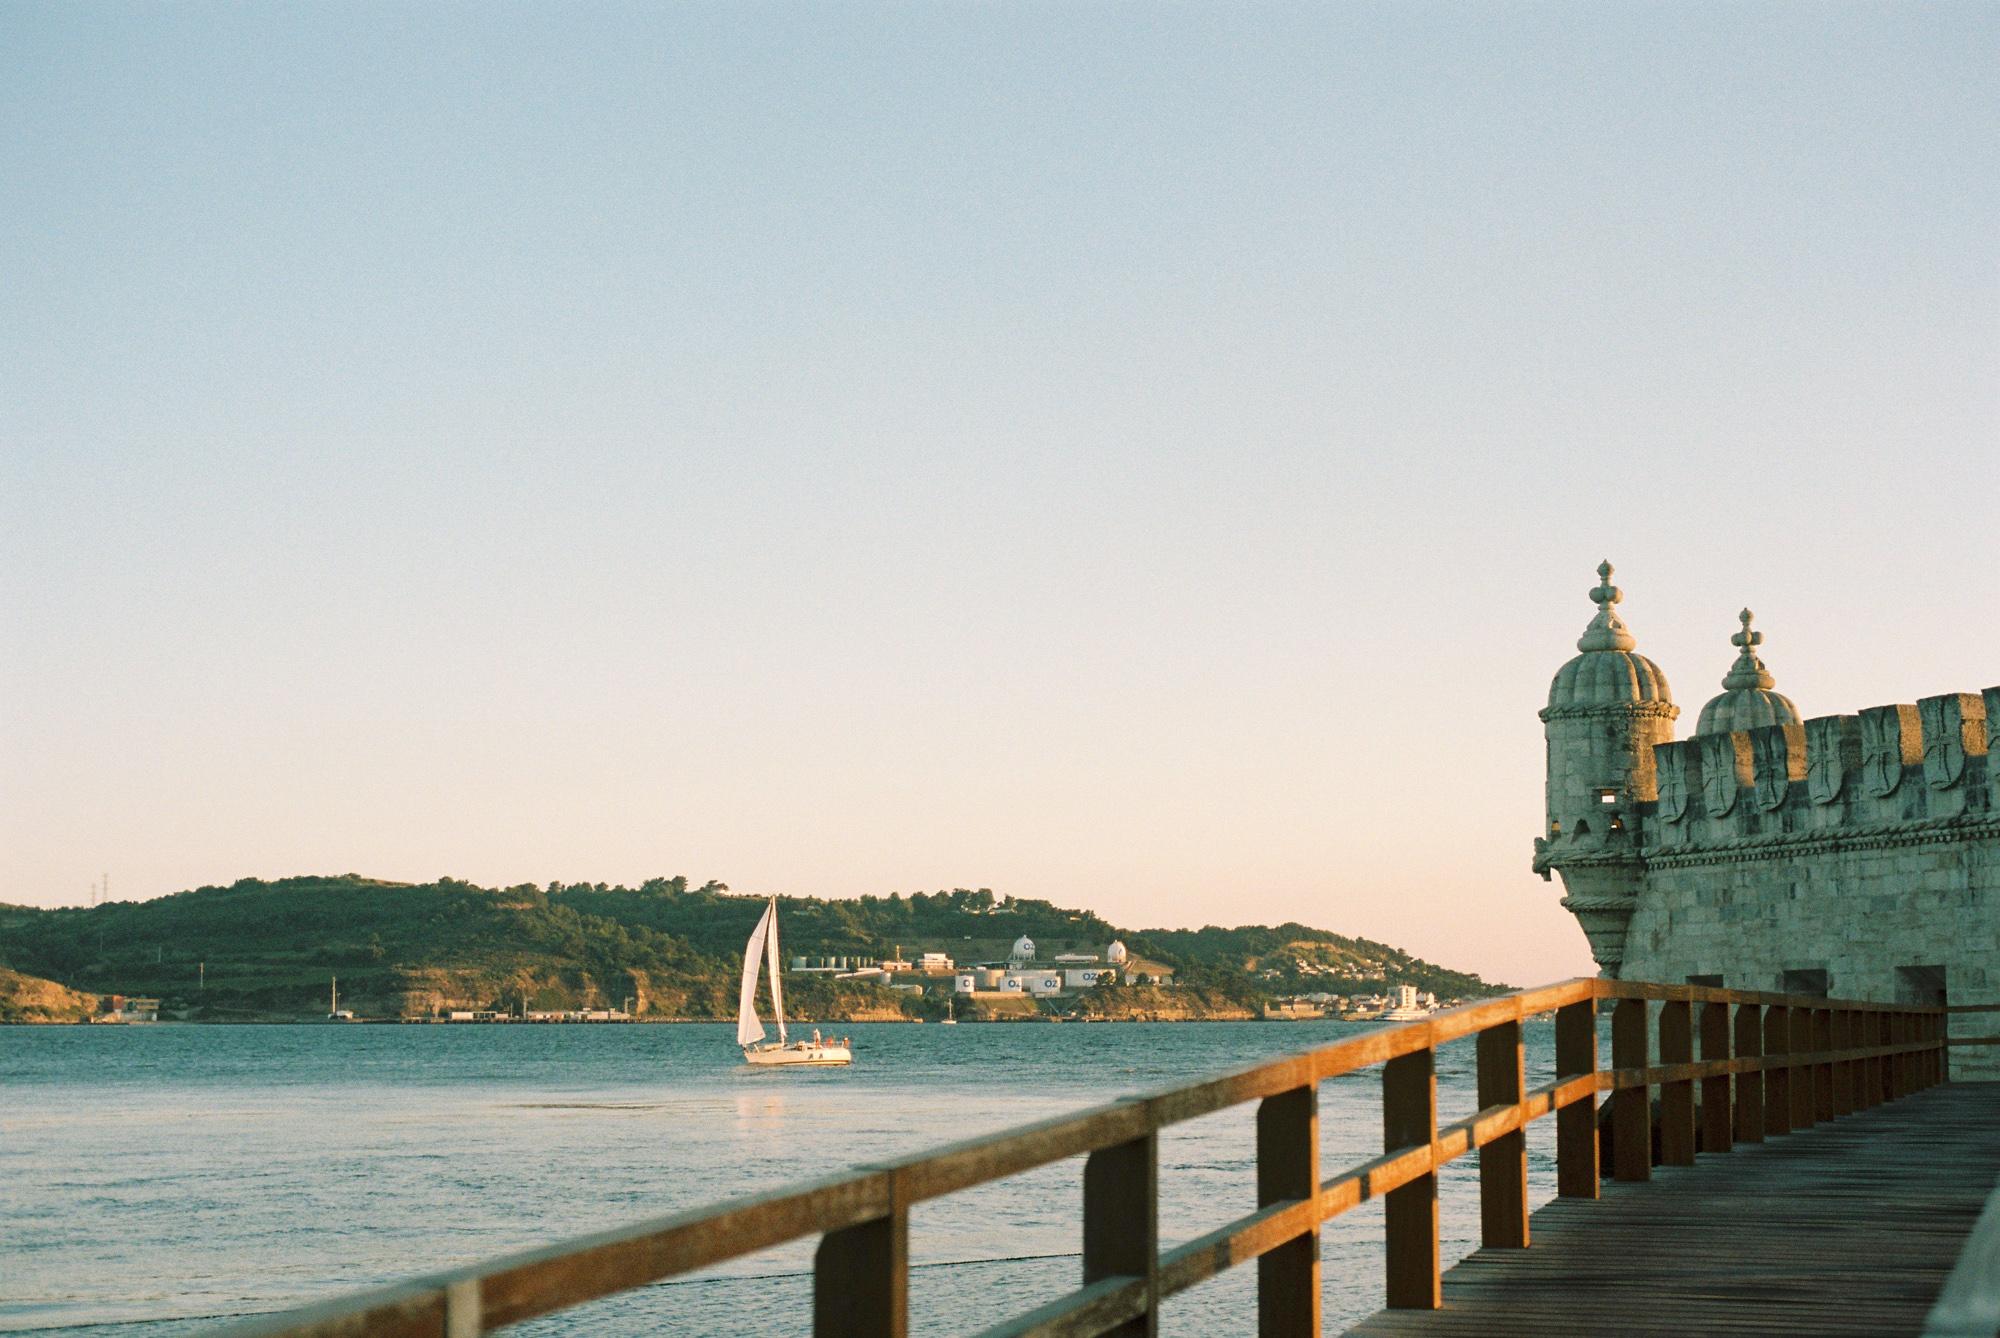 Fotografia-Analogica-Lisboa-Filme-Oceanica-19.jpg